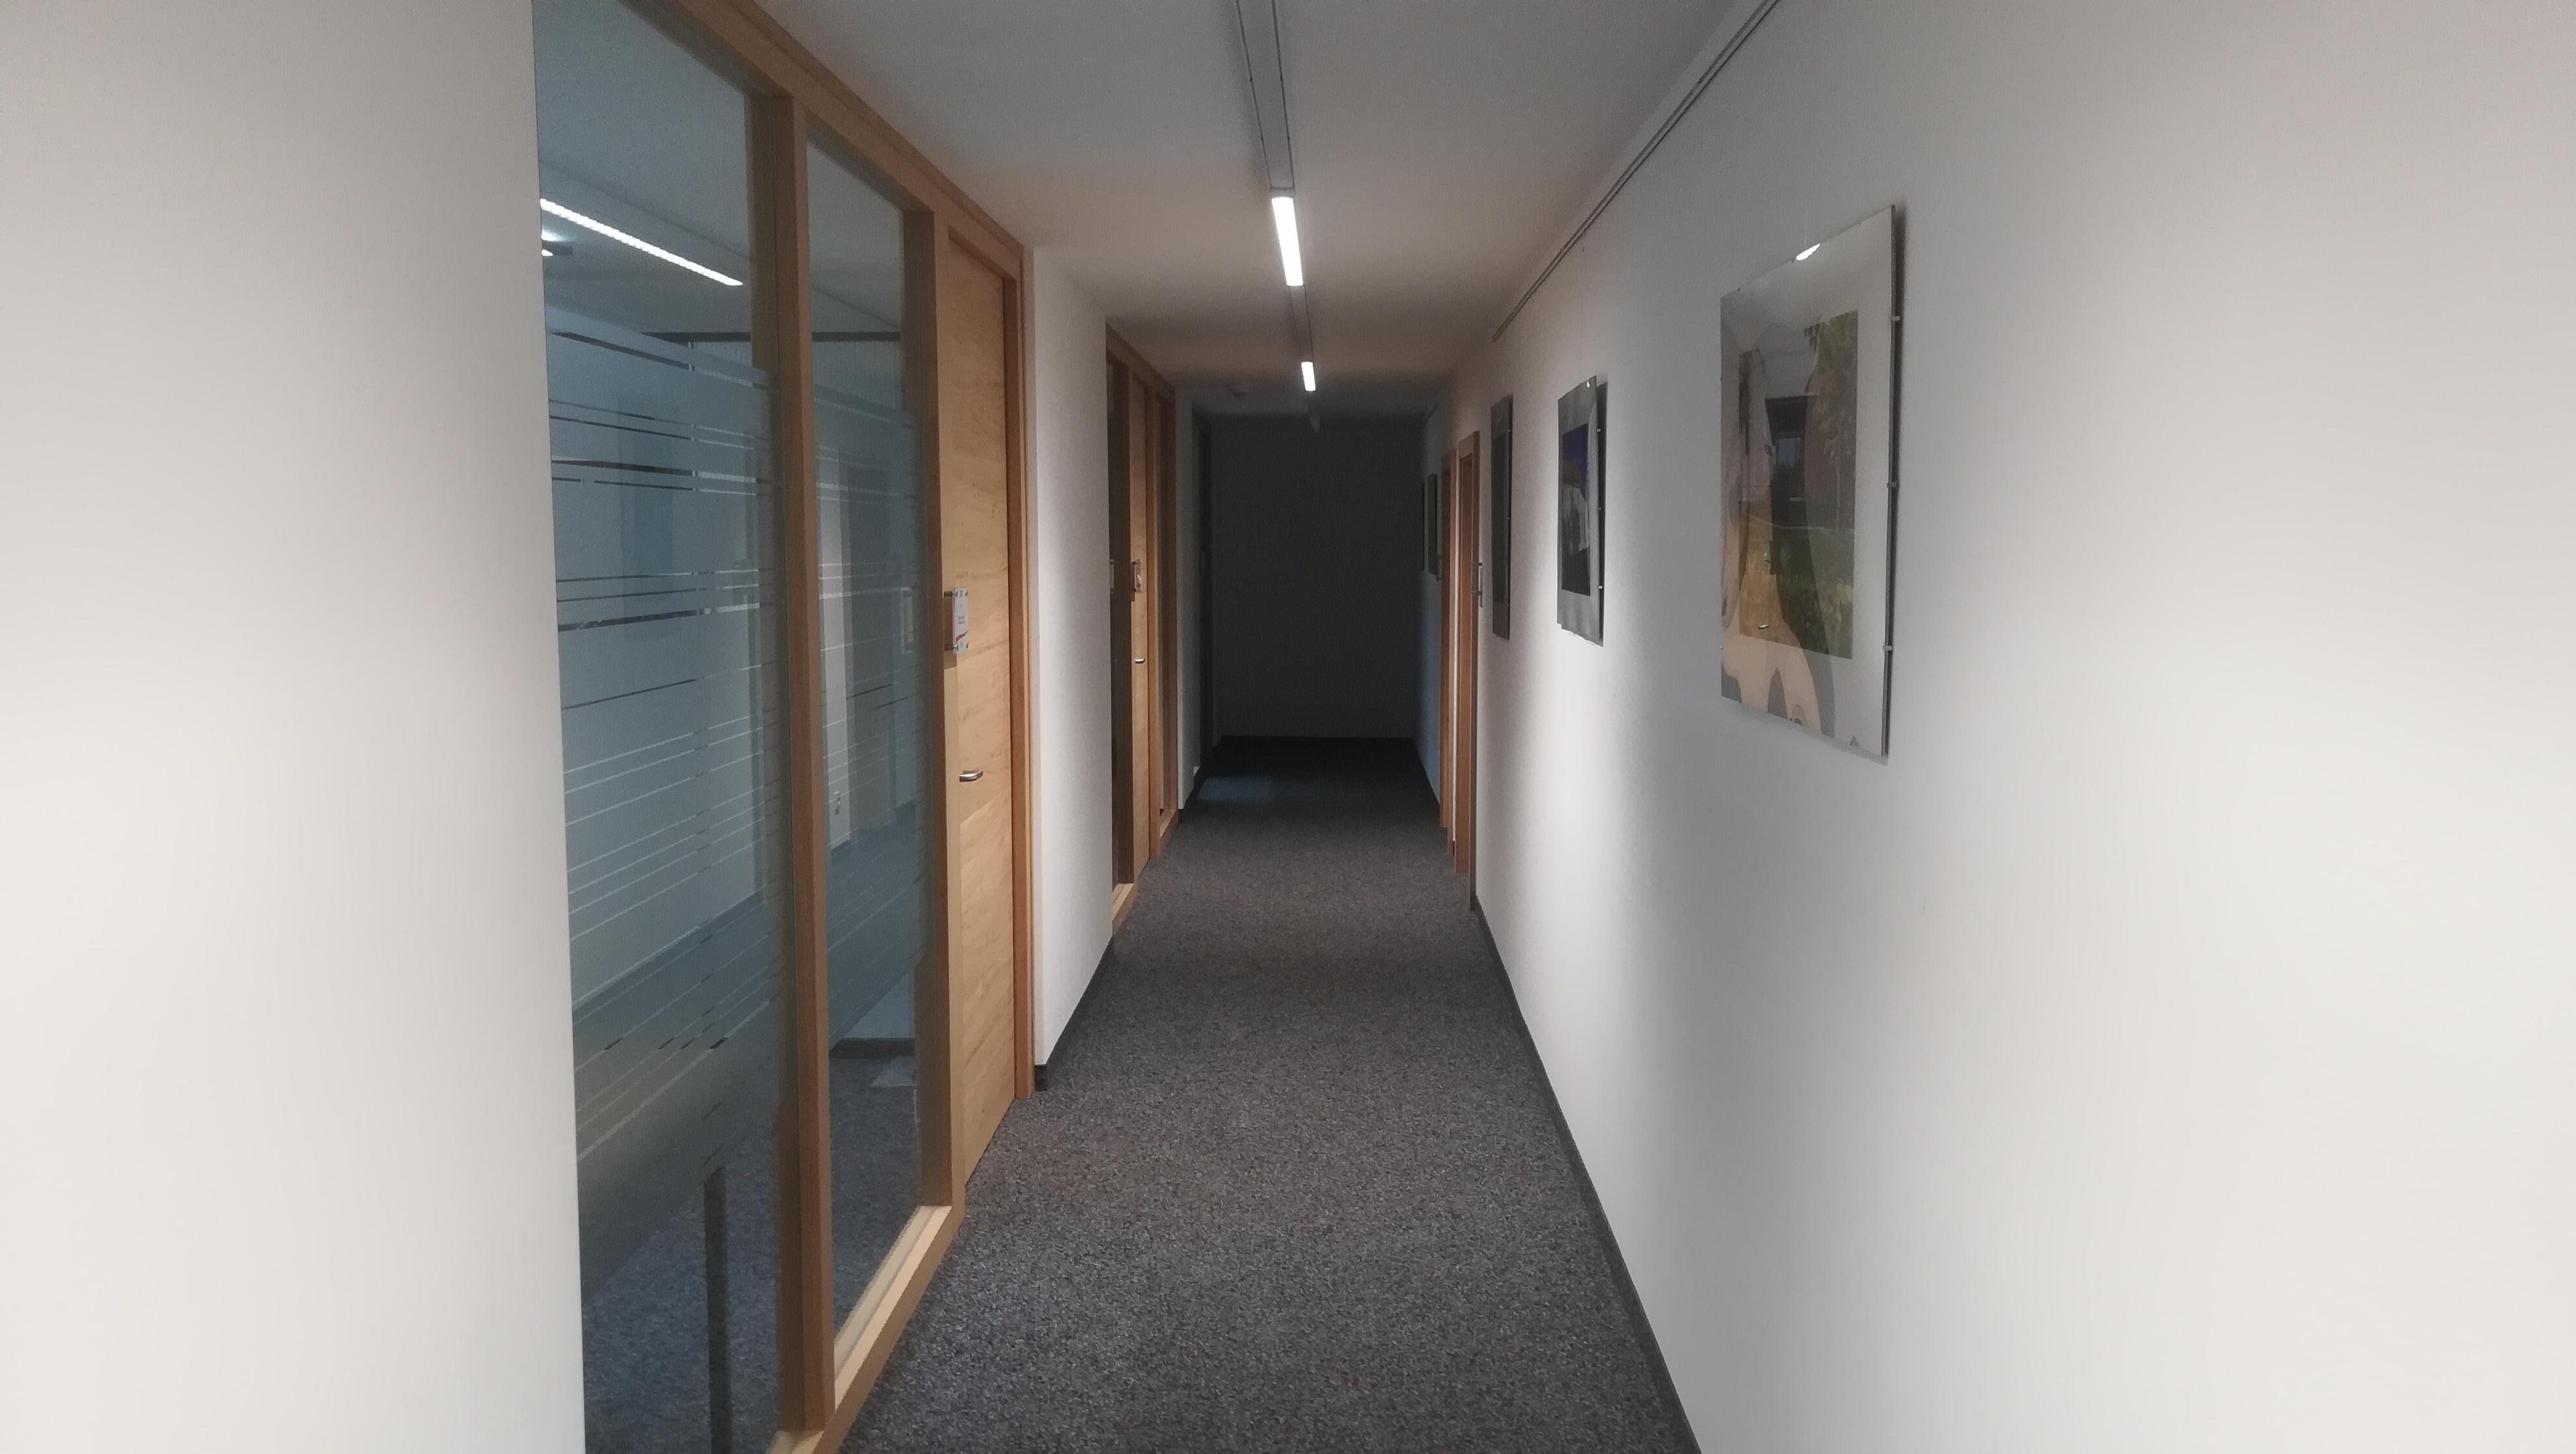 UPDATE: Büroräume Rathaus Landau